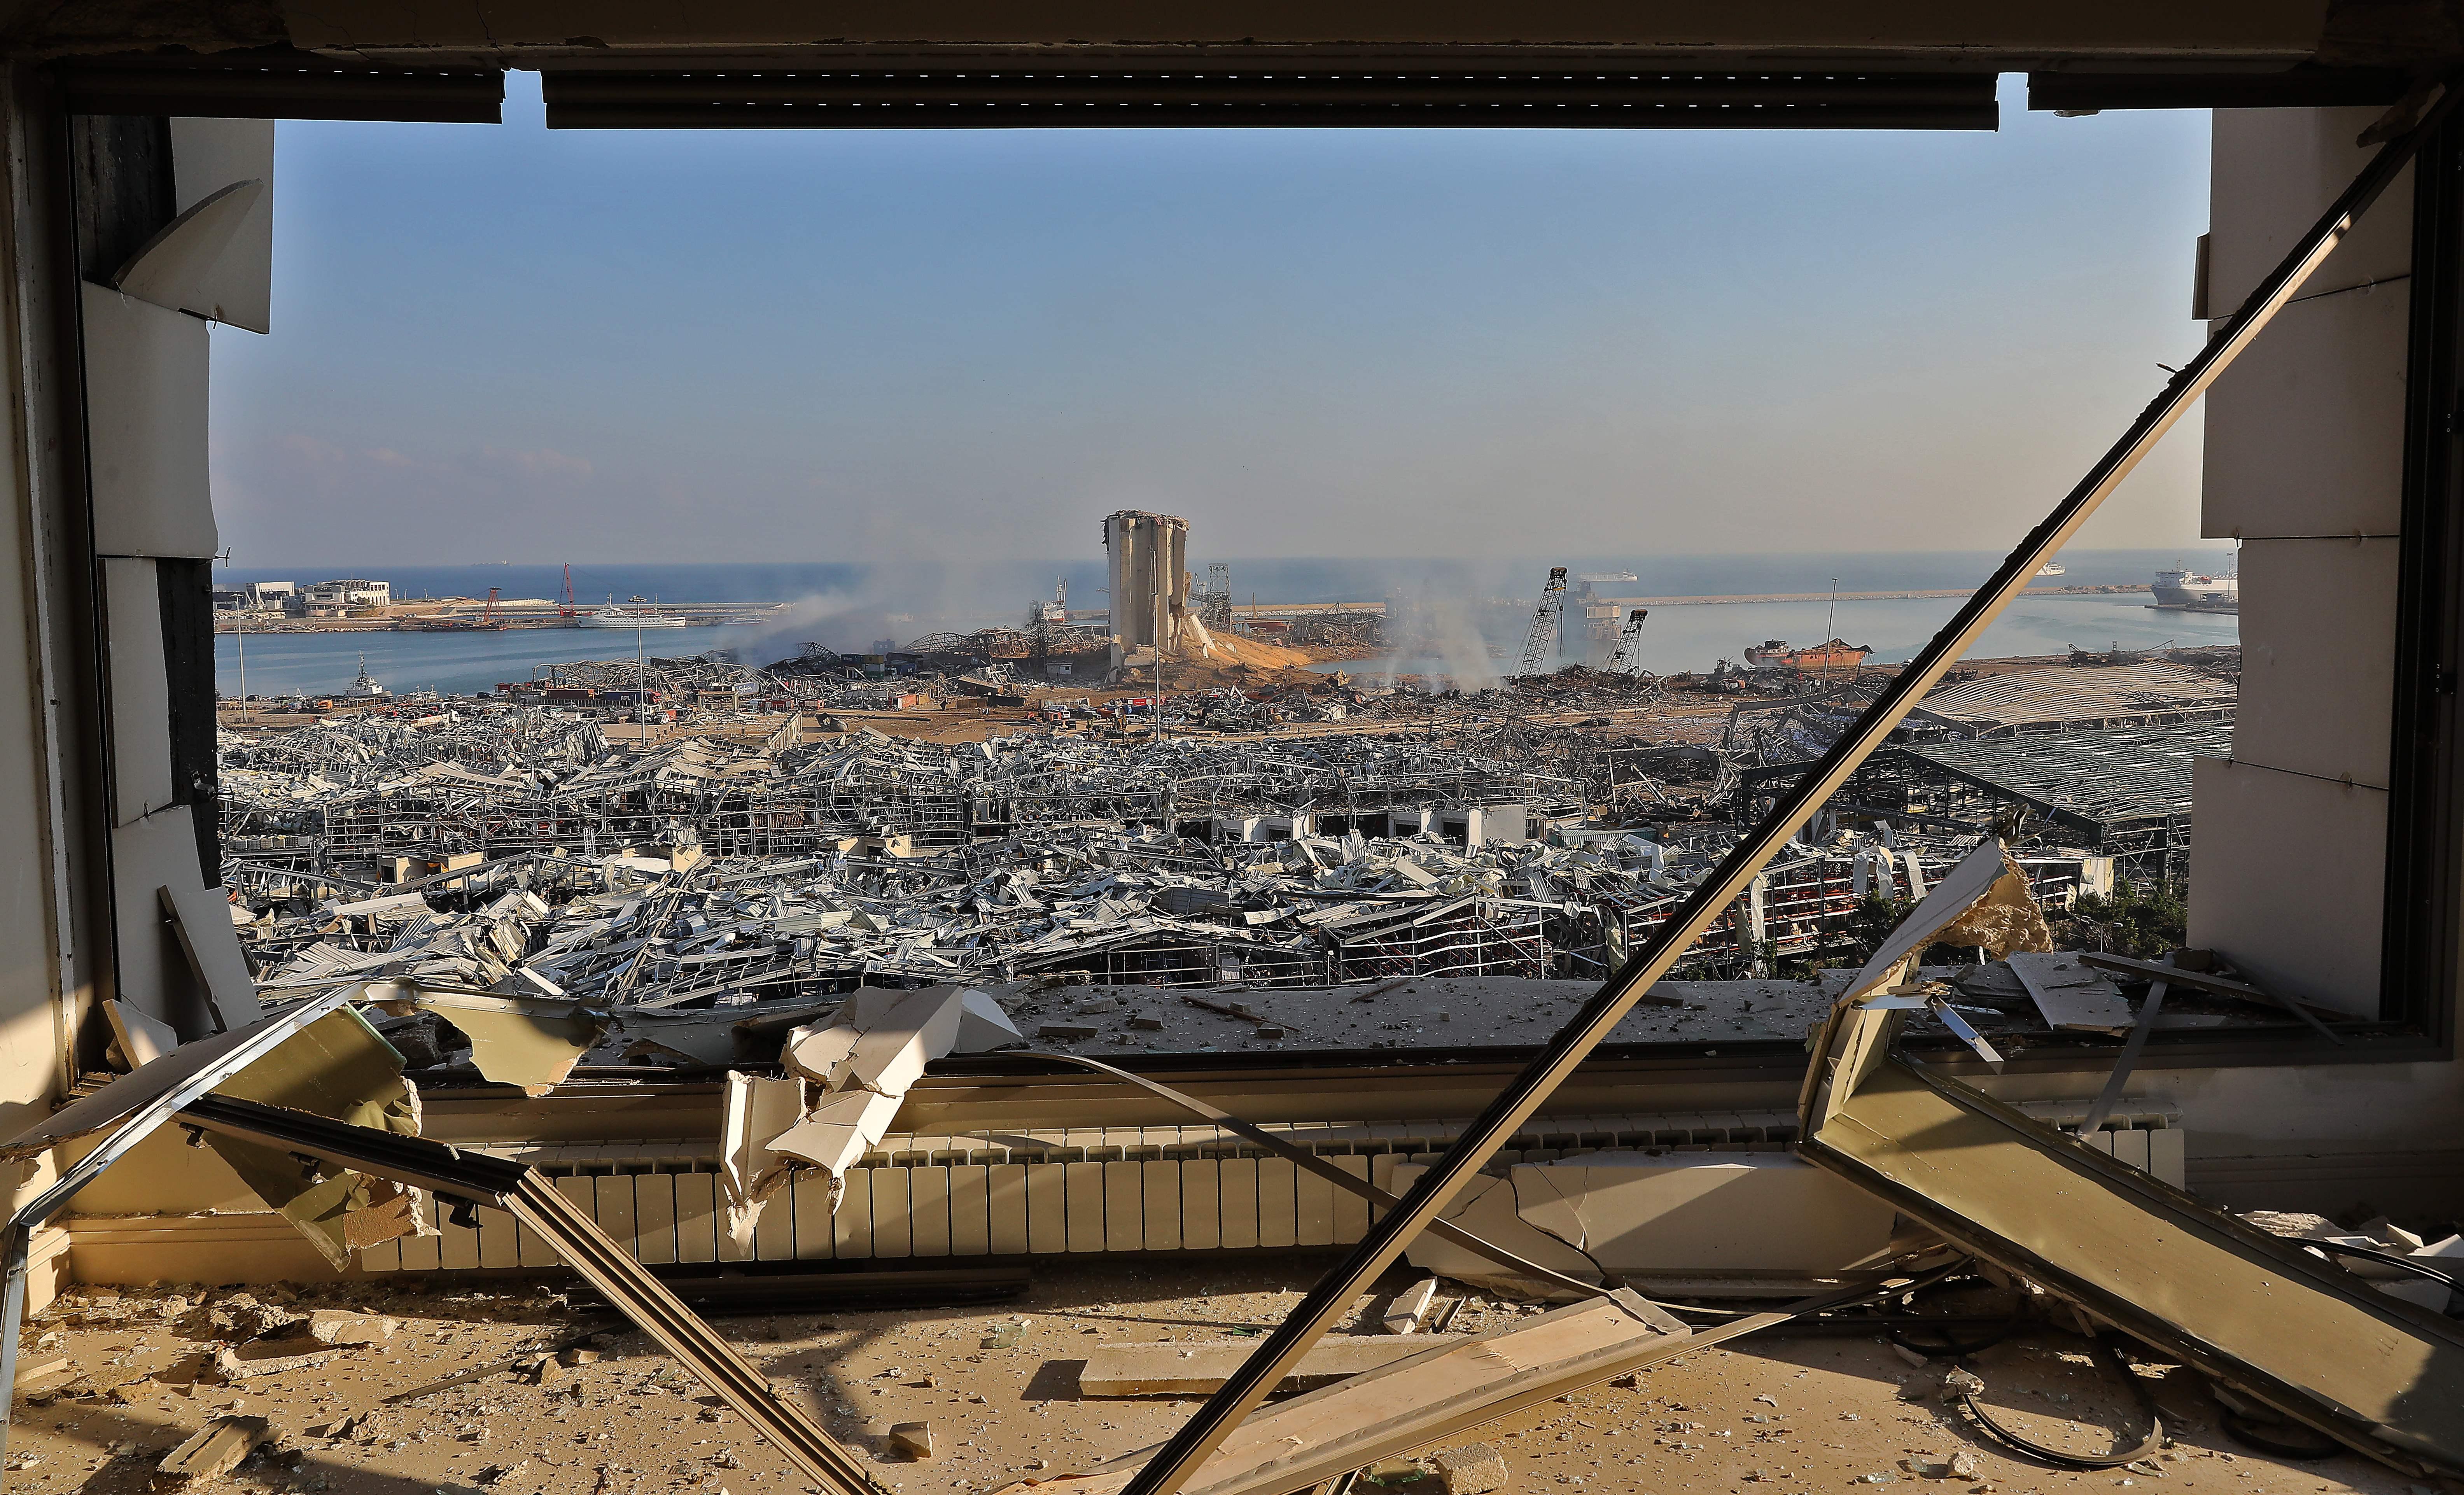 Ливанские дизайнеры о Бейруте после взрыва, всеобщем единении и надеждах